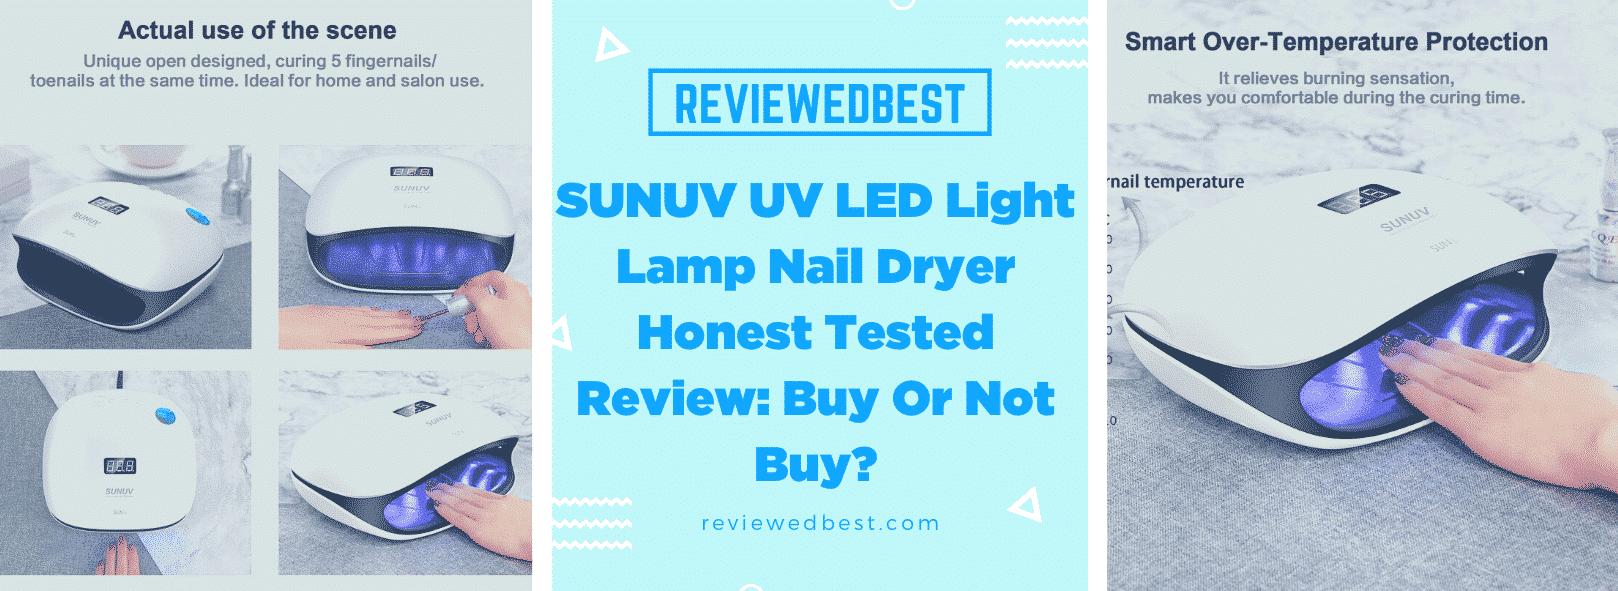 SUNUV UV LED Light Lamp Nail Dryer Honest Tested Review - Buy Or Not Buy - reviewedbest.com